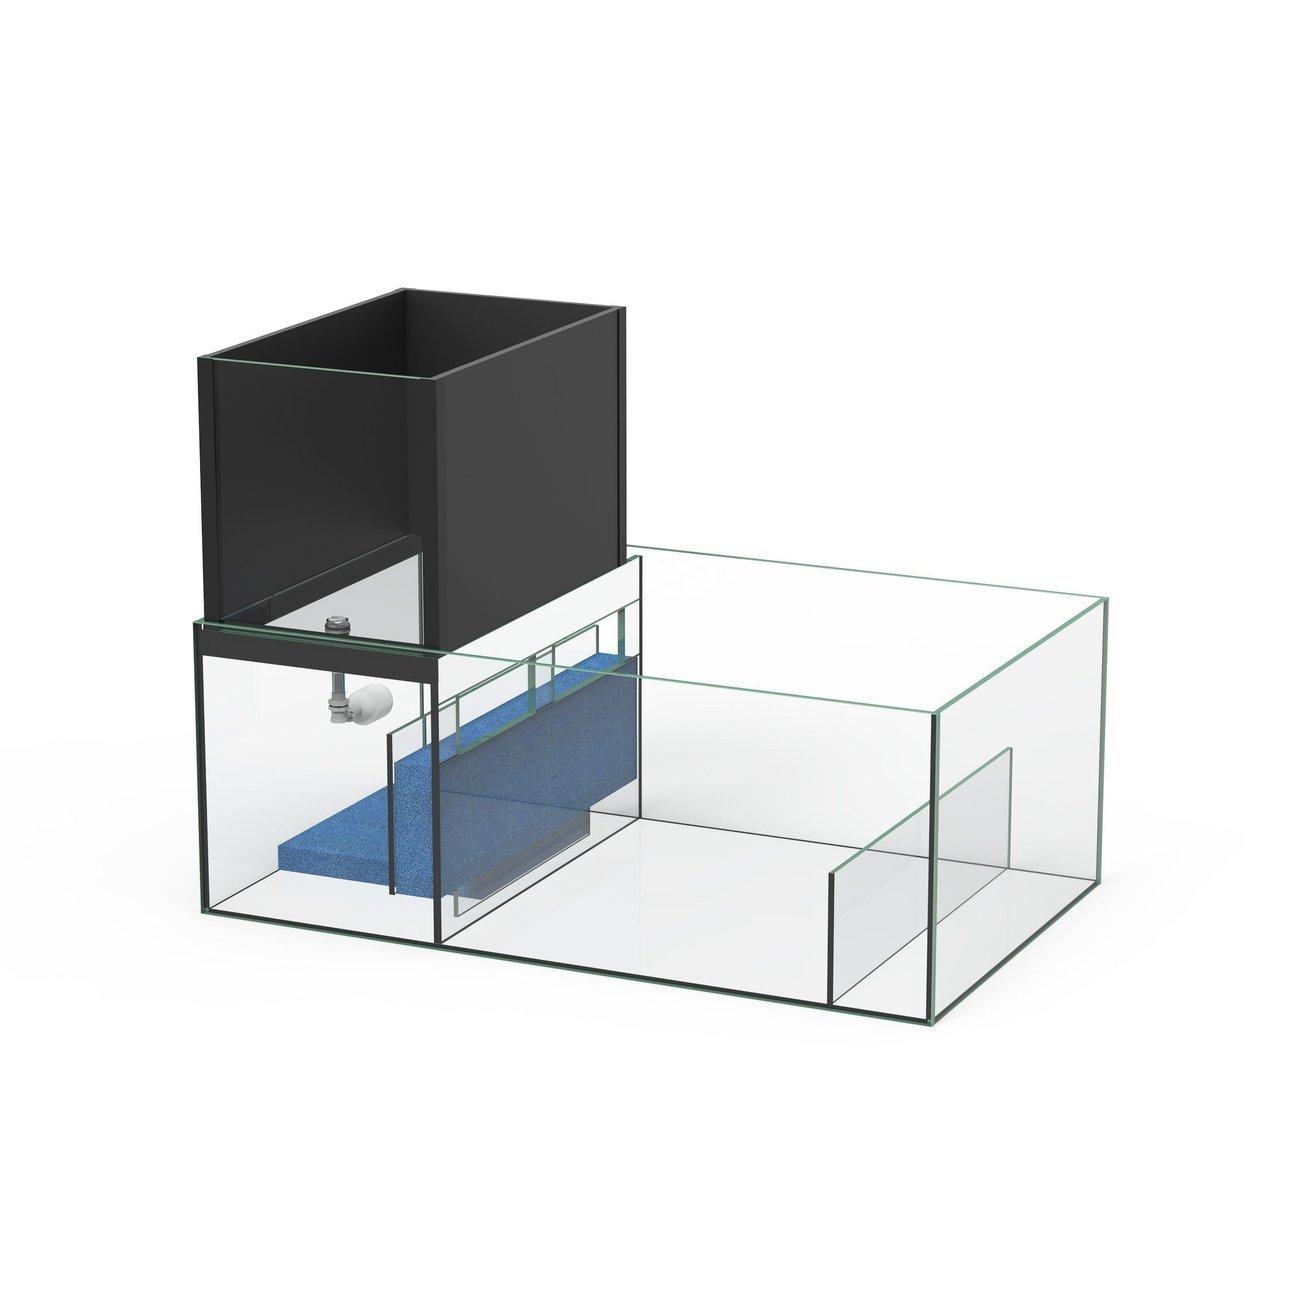 Aquatlantis AquaView 150 mit Unterschrank, Bild 6